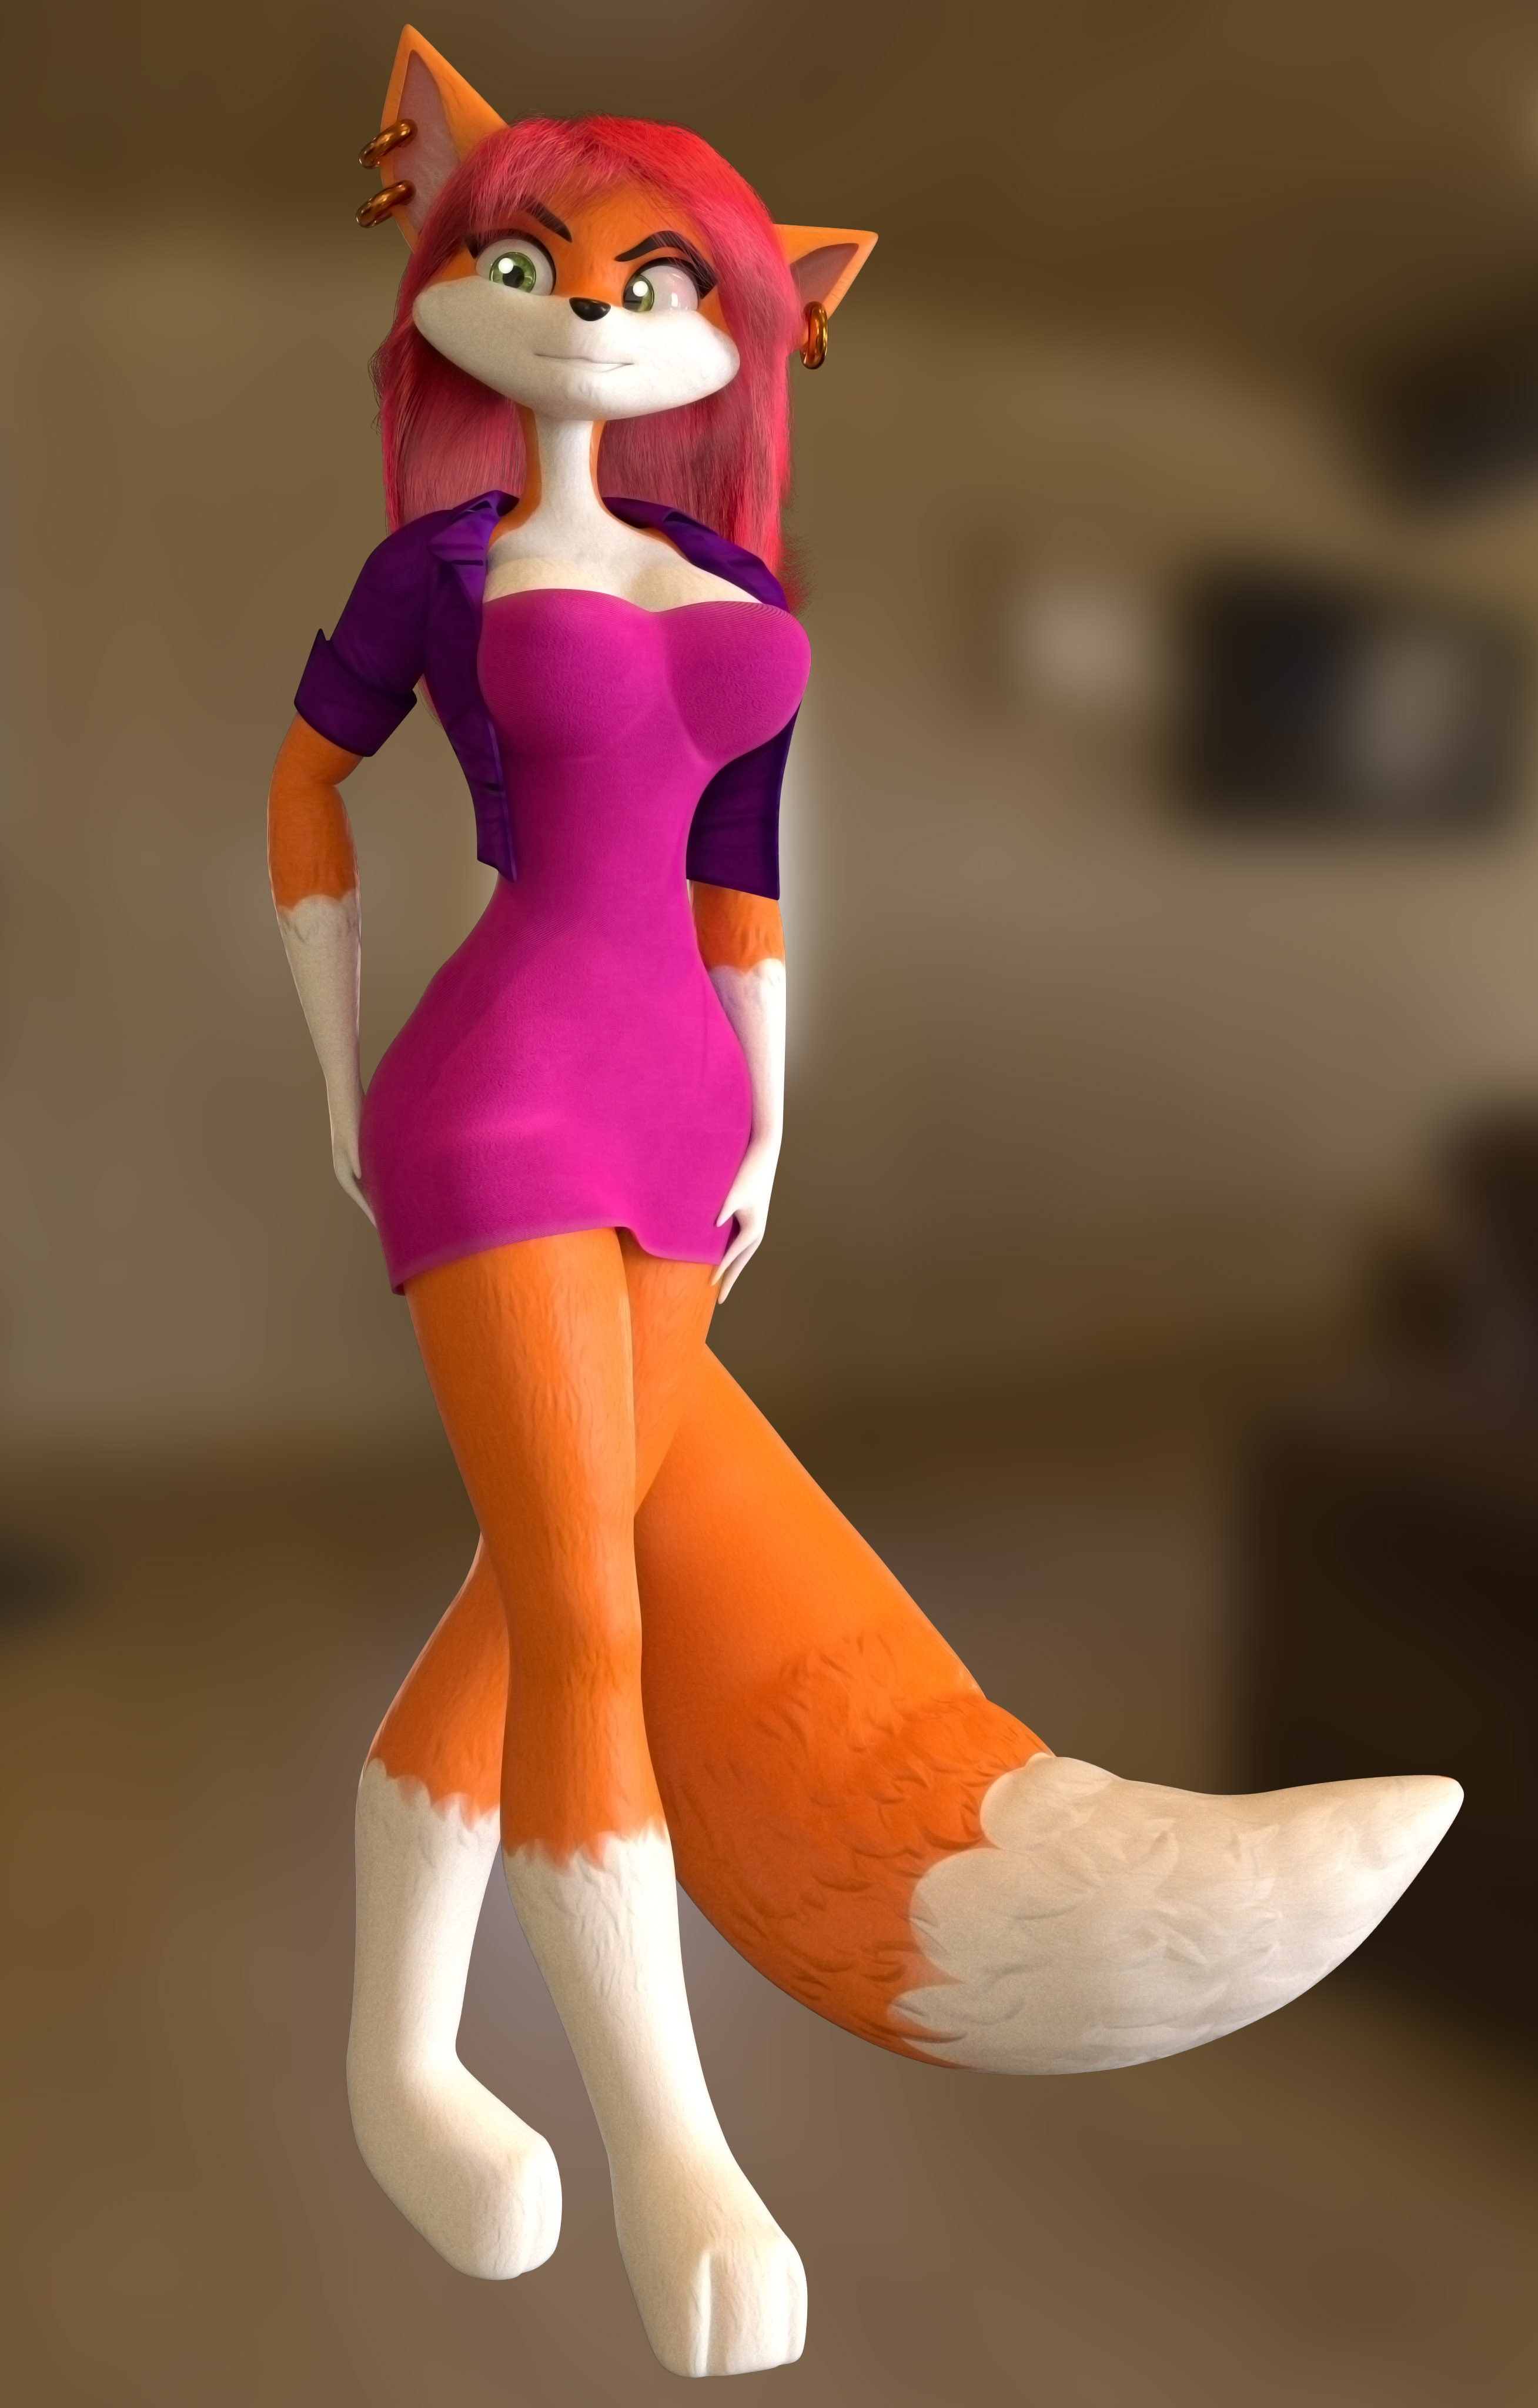 Fiona Fox: Mach 2